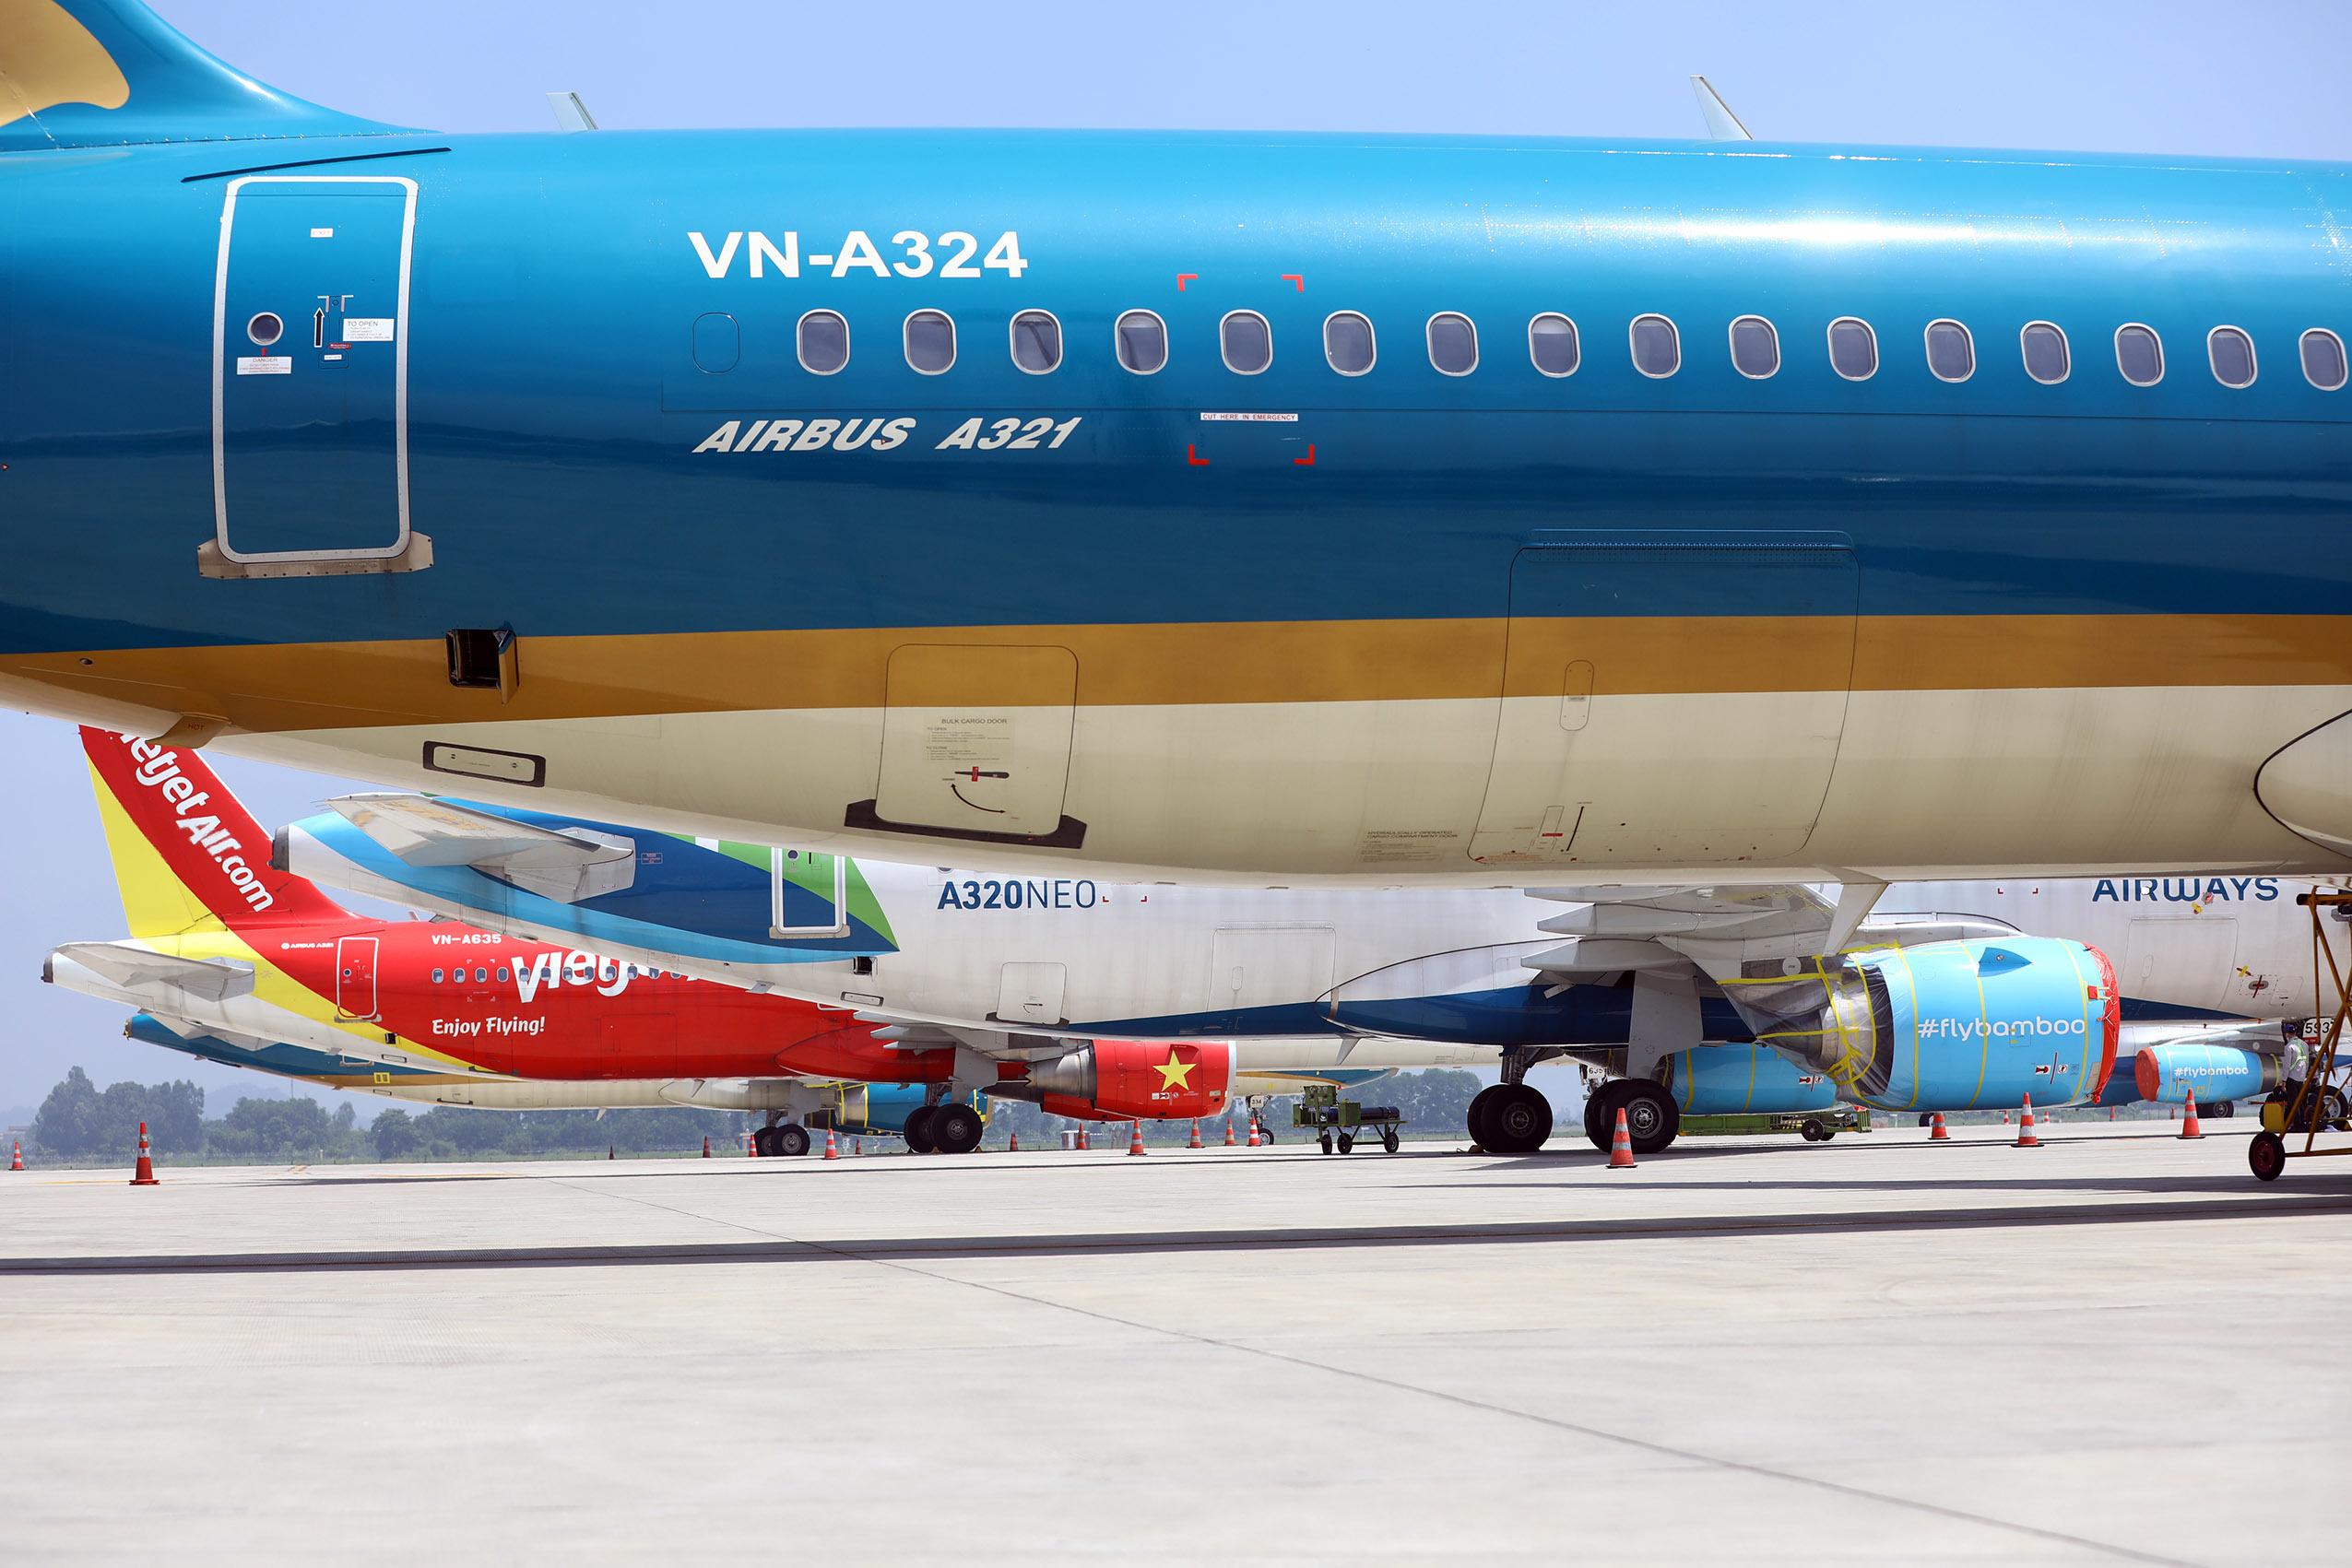 Máy bay nằm 'đắp chiếu', sân bay Nội Bài đóng cửa đường lăn làm sân đỗ